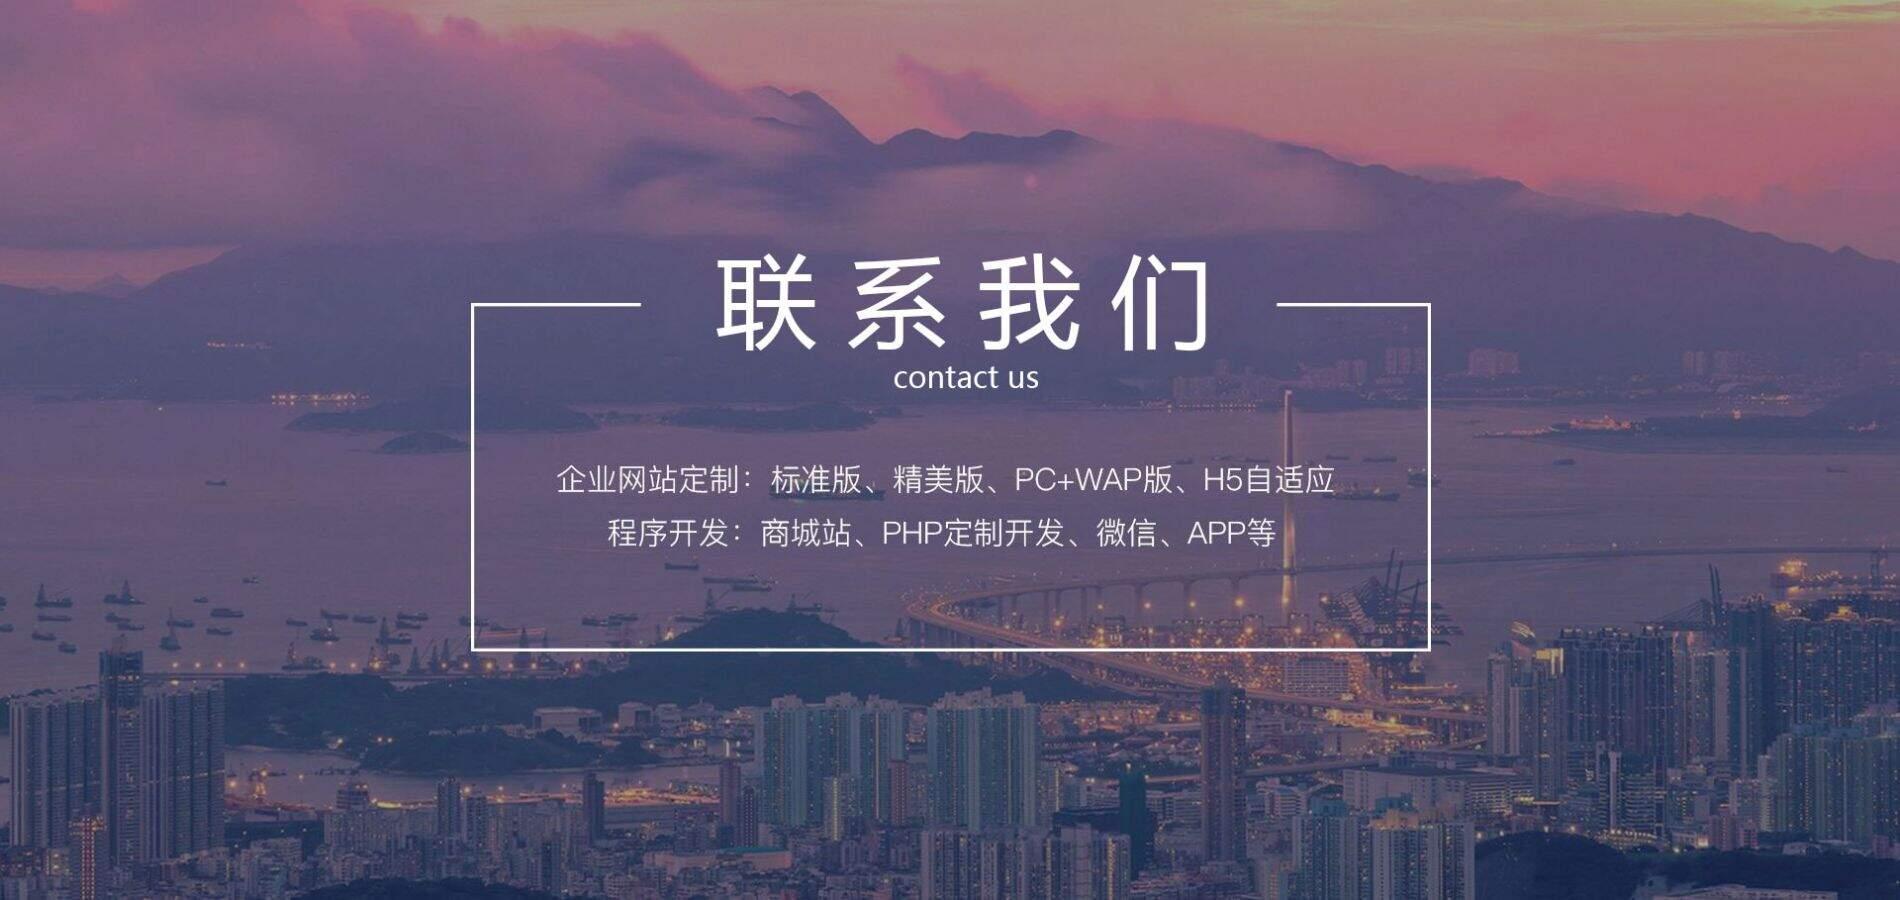 kok体育客服鼎联互联网信息有限公司